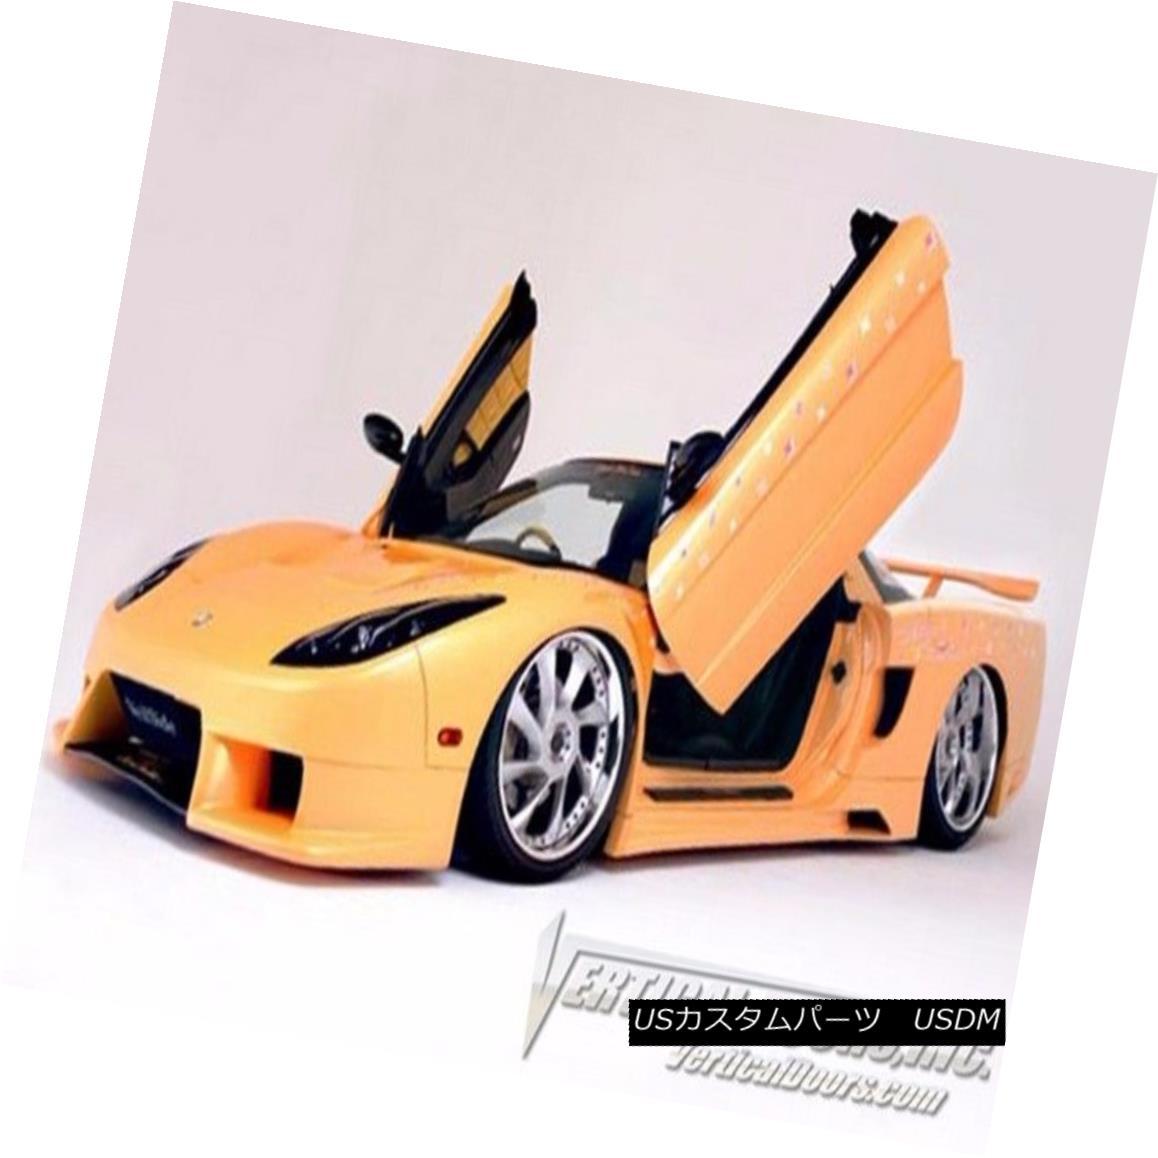 【有名人芸能人】 ガルウィングキット Vertical Doors Inc. Lambo Door Kit Acura NSX 1990-2005 90-05 LSD SCISSOR Vertical Doors Inc. LamboドアキットAcura NSX 1990-2005 90-05 LSD SCISSOR, エサシシ 2744eef6